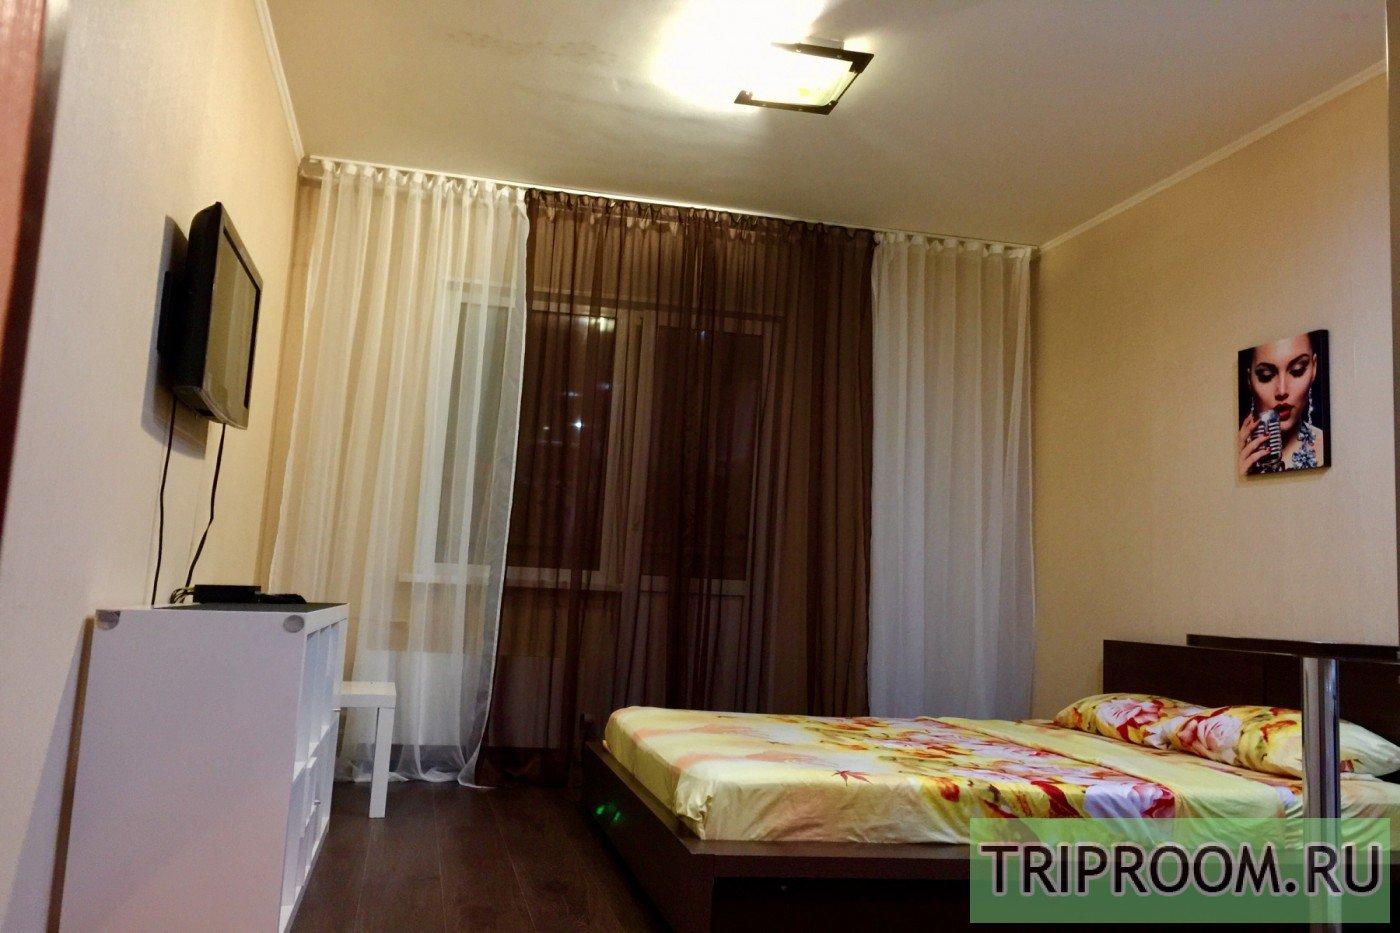 1-комнатная квартира посуточно (вариант № 36698), ул. Университетская улица, фото № 2